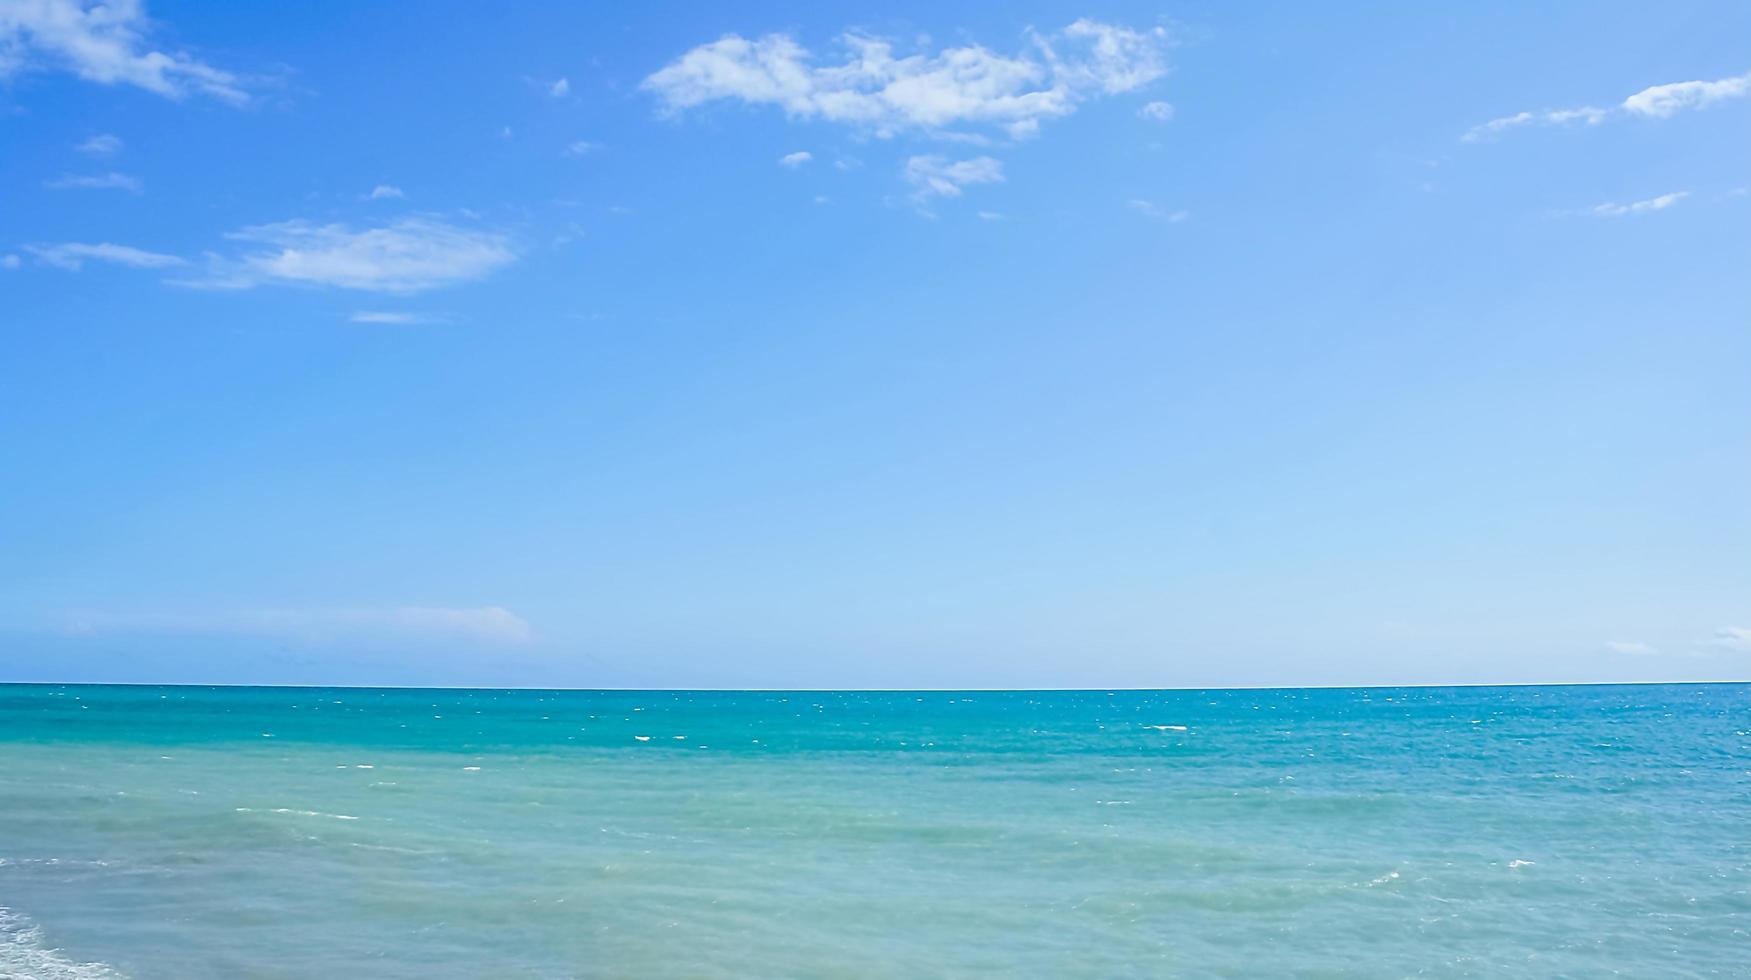 prachtig zeegezicht met blauwe zee en lucht foto